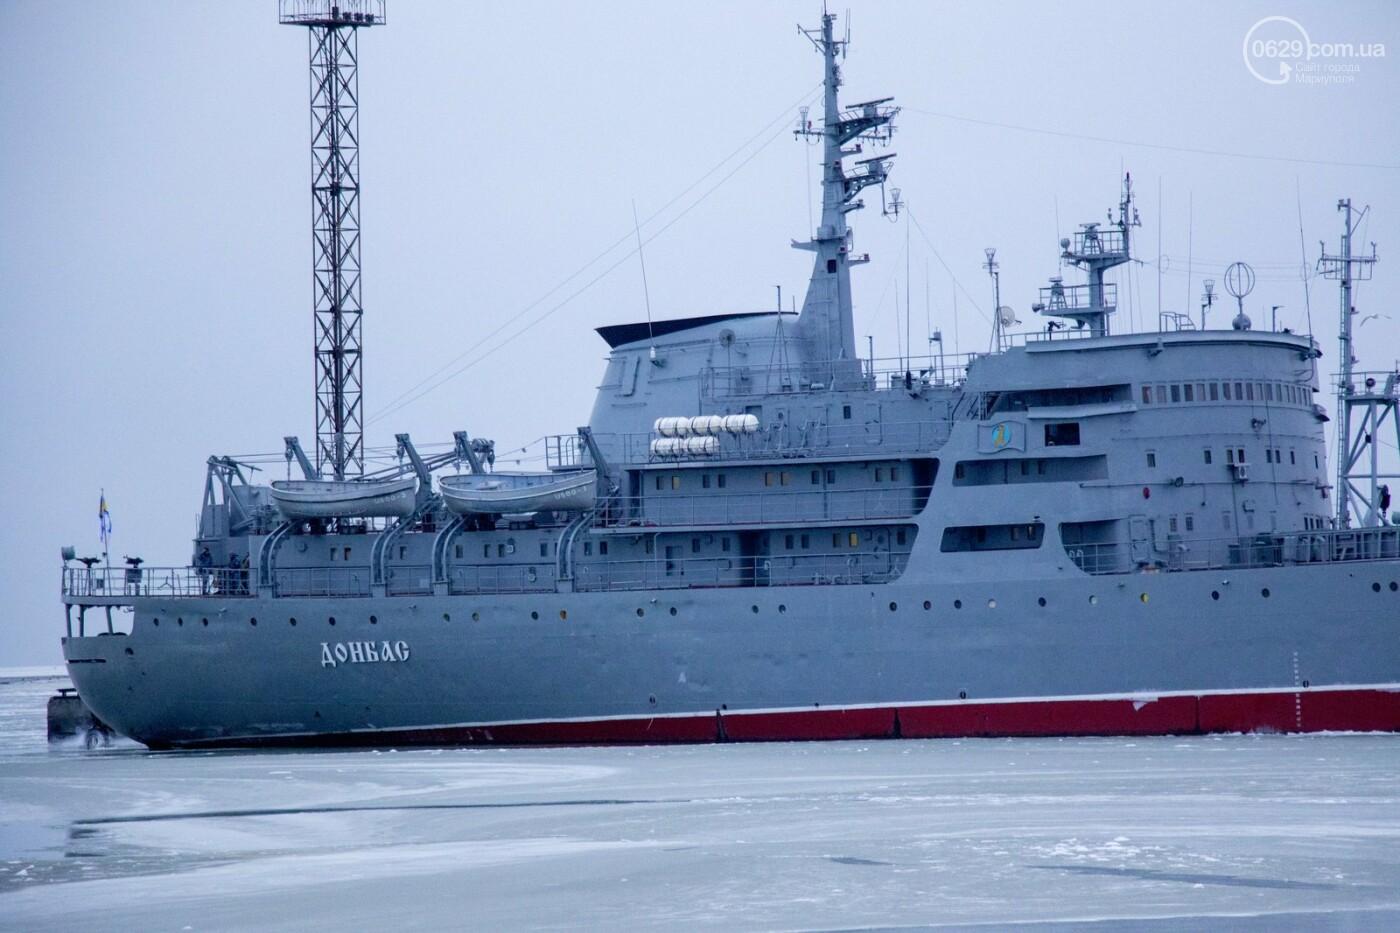 Из-за строительства Керченского моста и незаконной блокады порт Мариуполя потерял 6 миллиардов гривен, - ФОТО, фото-4